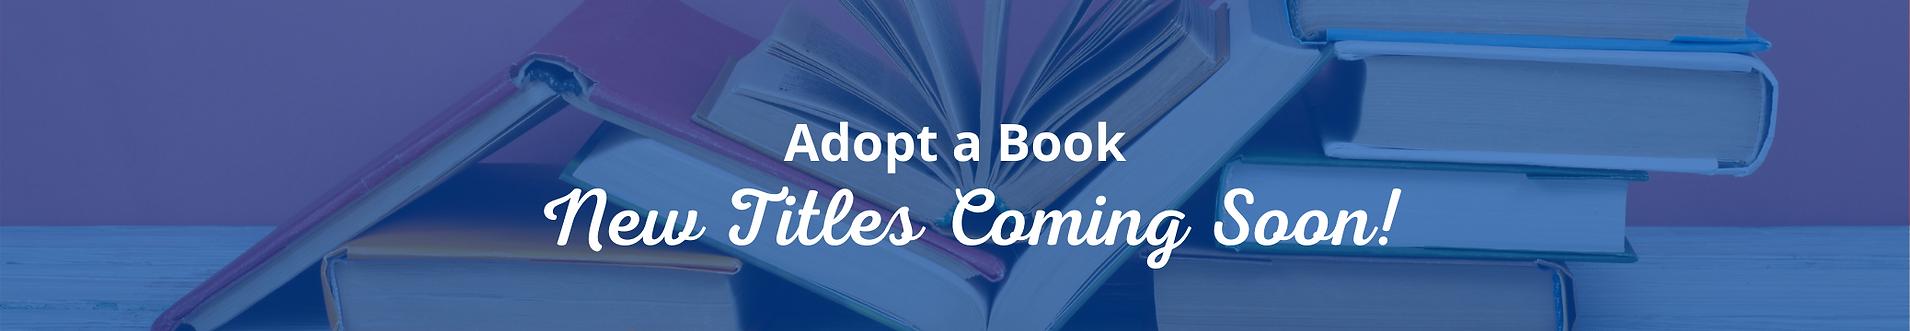 Adopt a Book.png